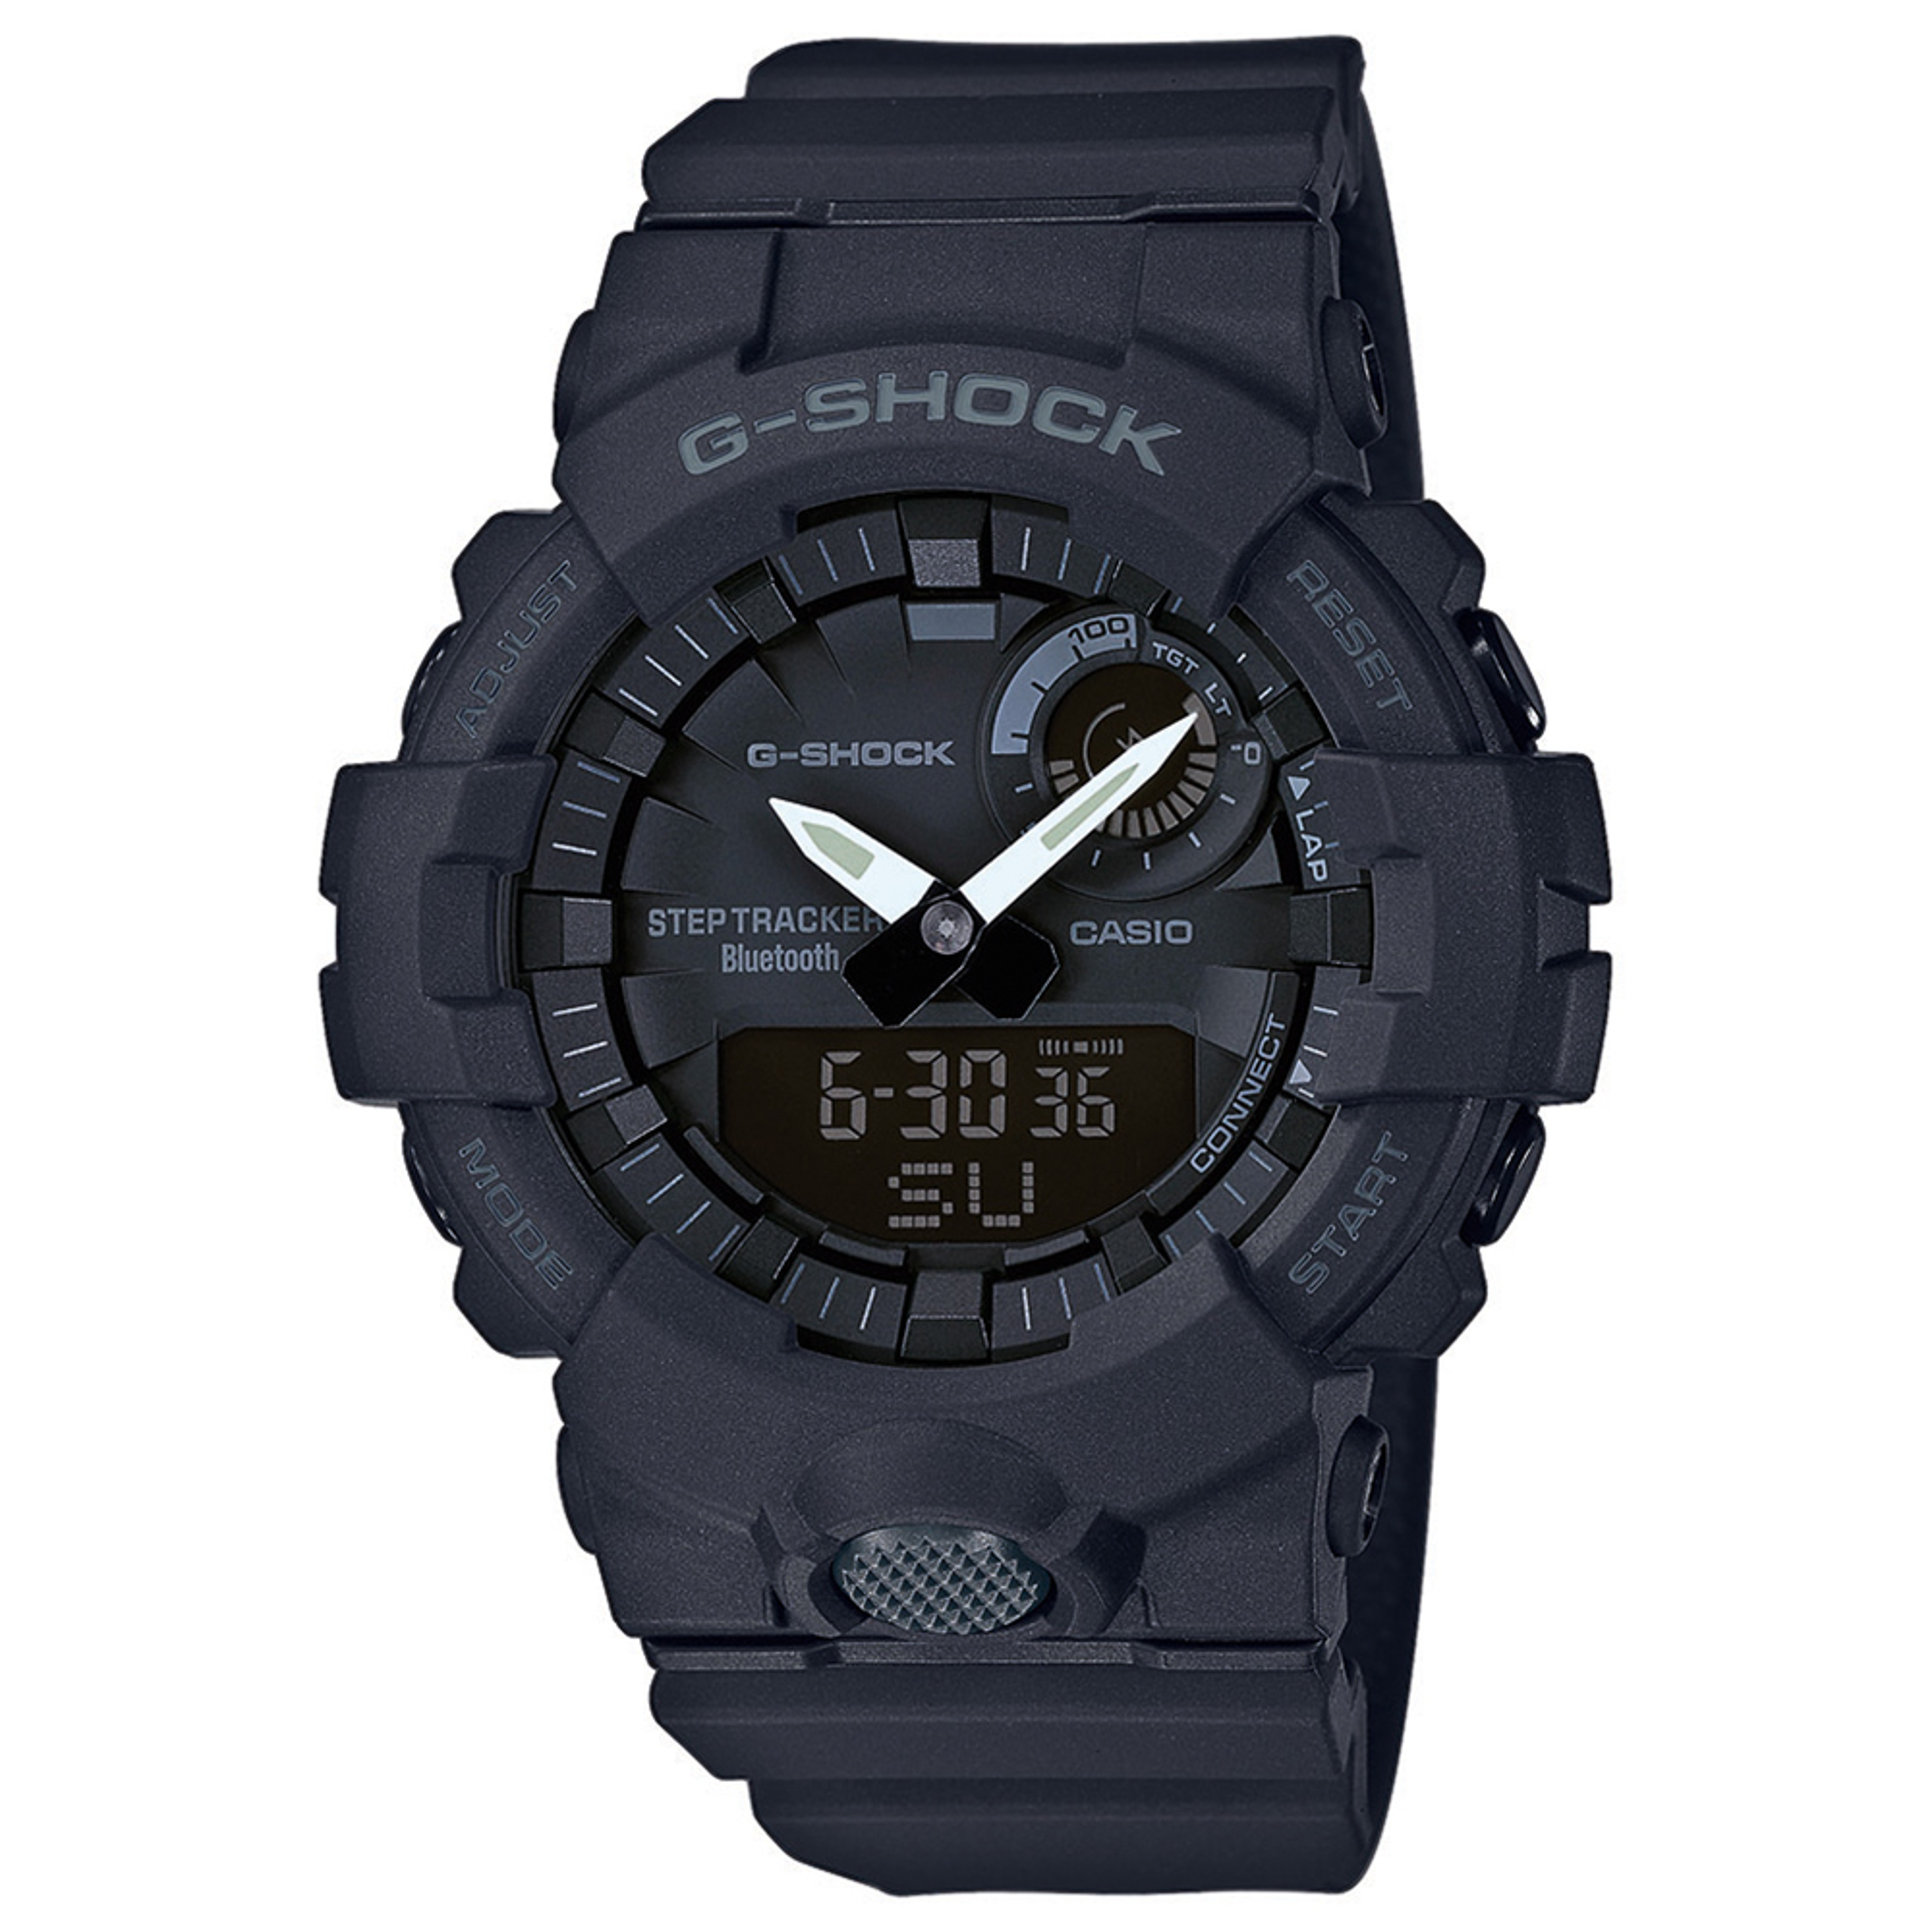 Casio Uhr G-Shock G-Squad GBA-800-1AER schwarz